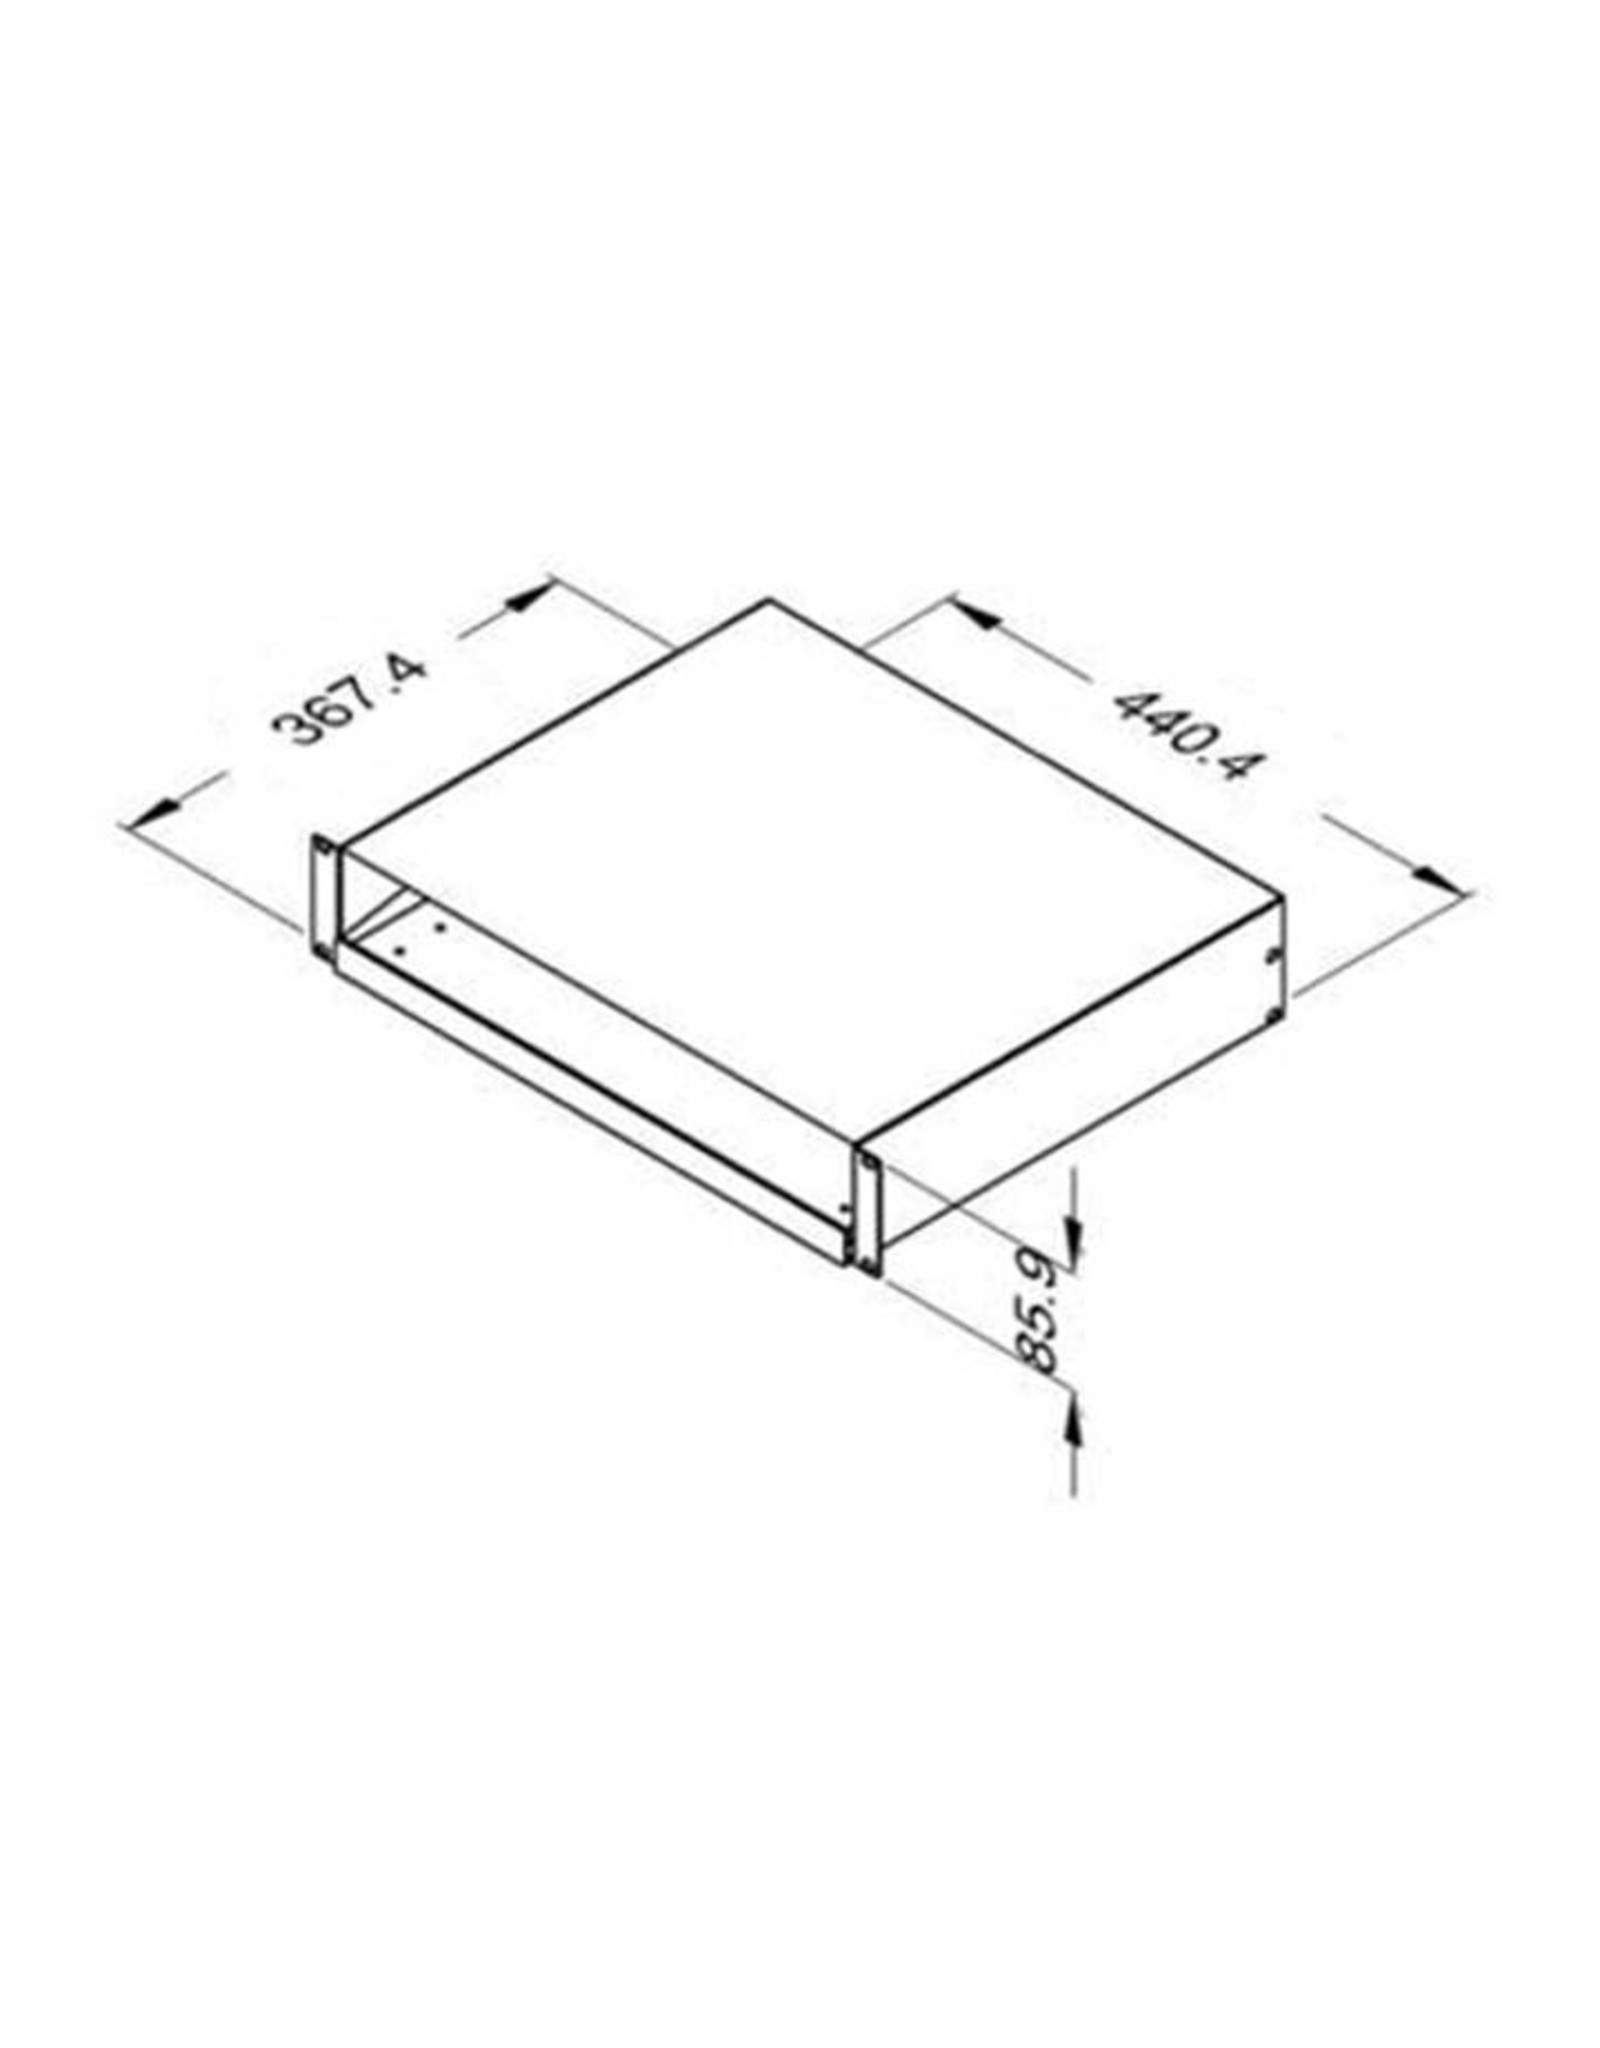 Penn Elcom Penn Elcom uitschuifbaar ladeplateau, 2 HE, voor toetsenbord, 435 x 235 mm